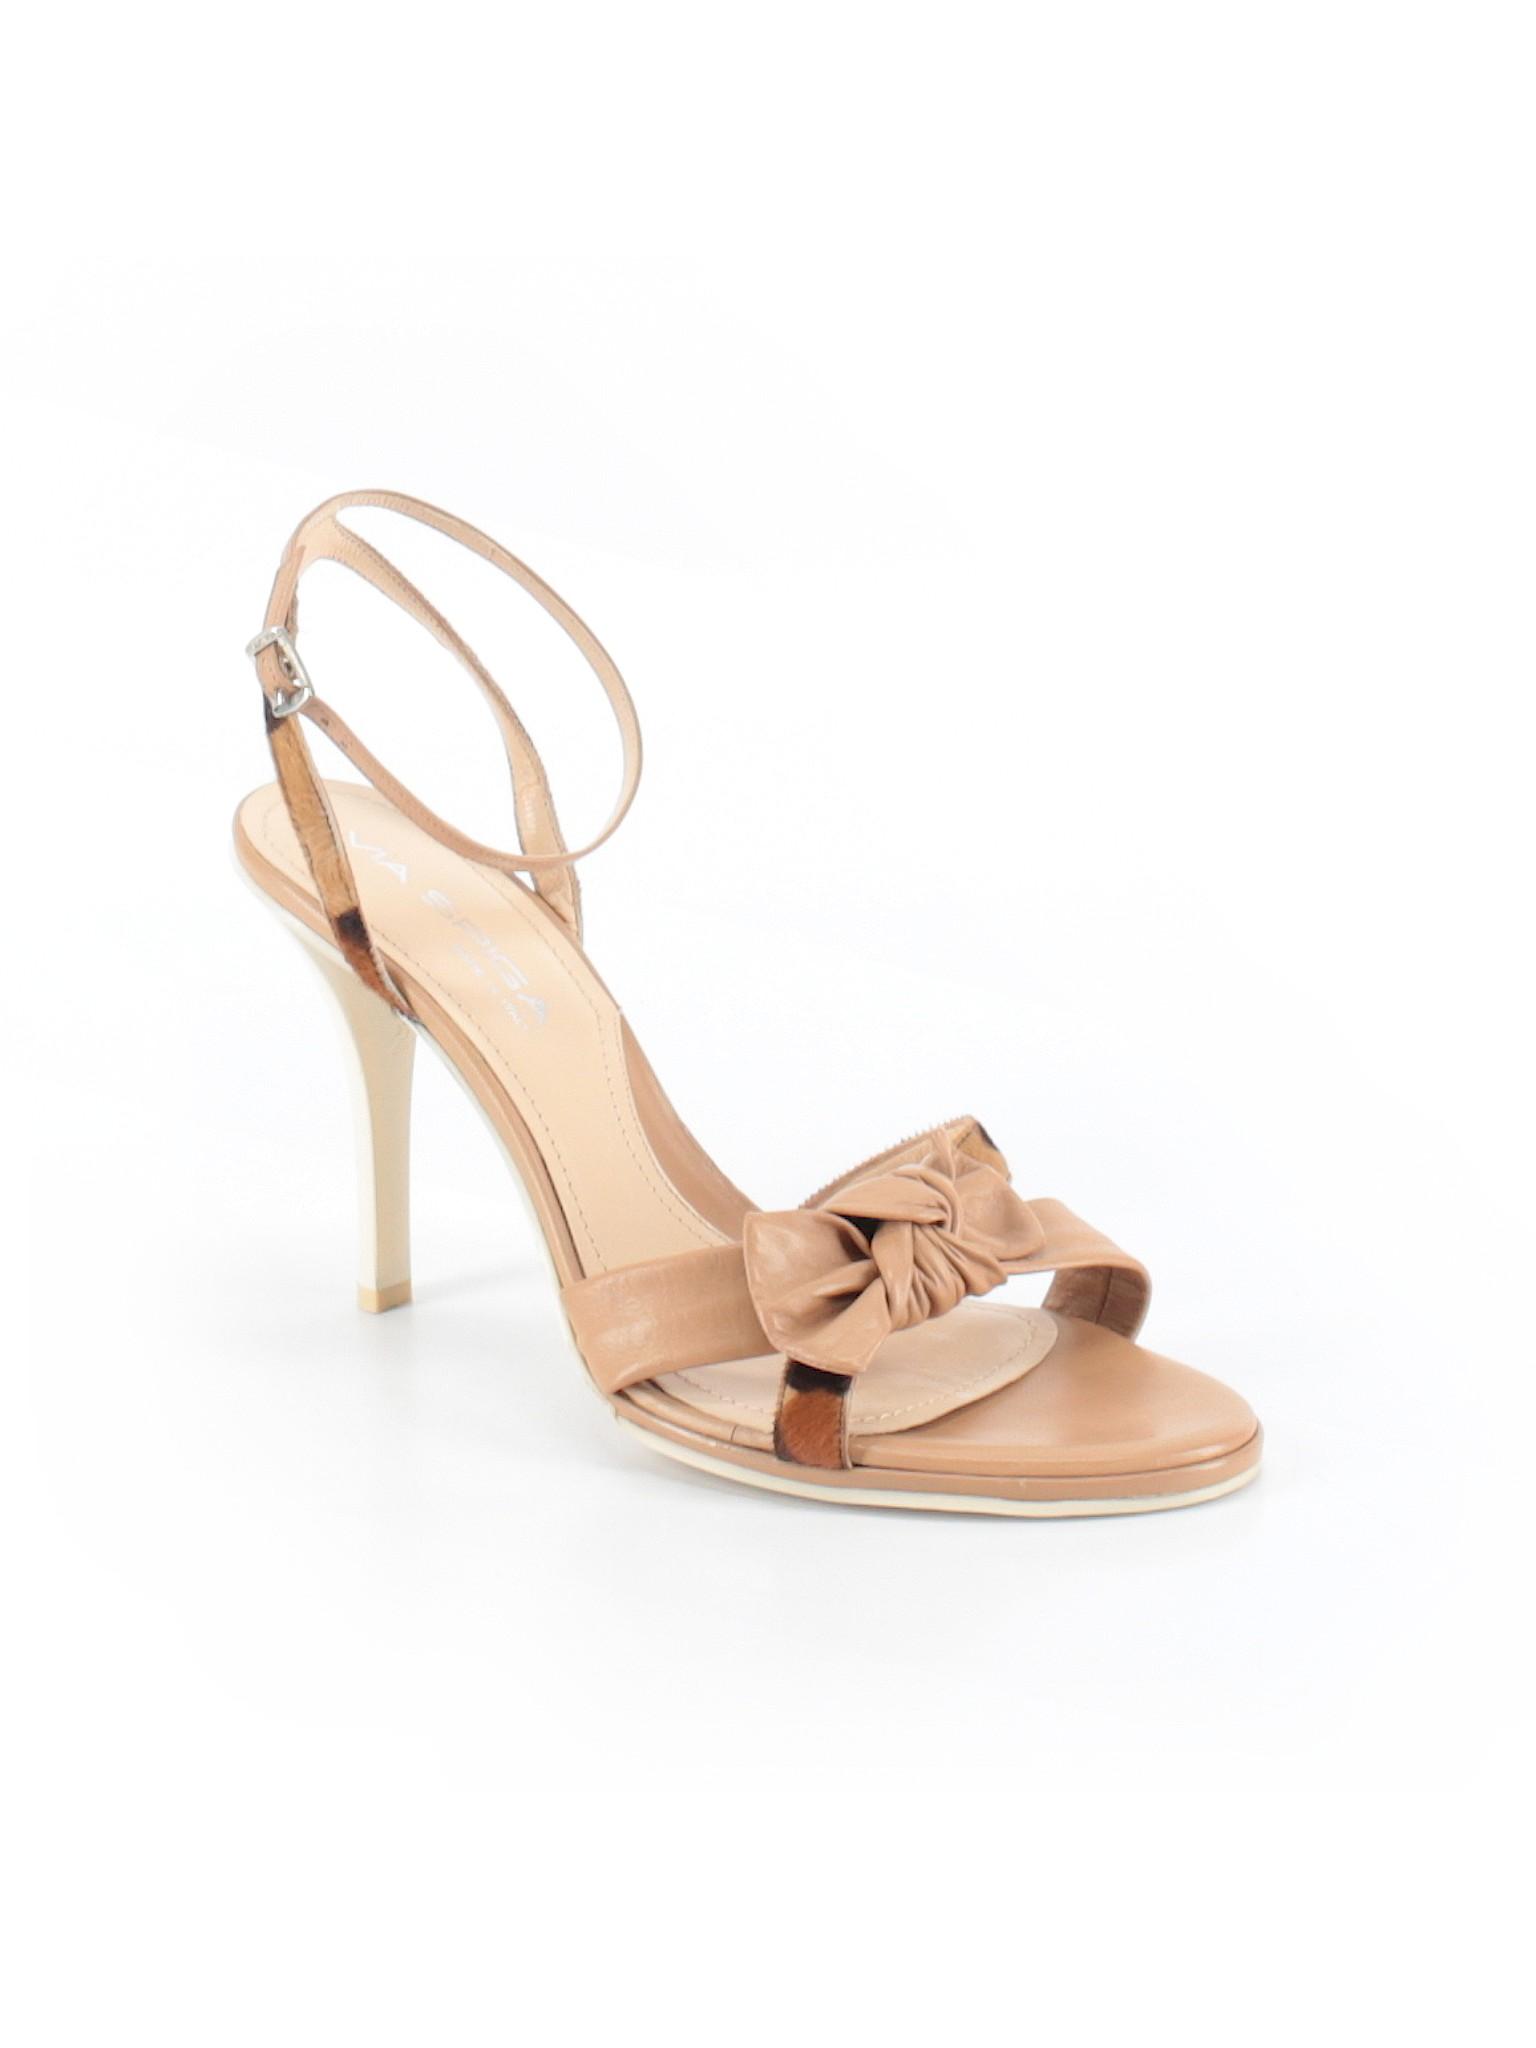 promotion Via Boutique Spiga Via Boutique Heels promotion xdt07wq40